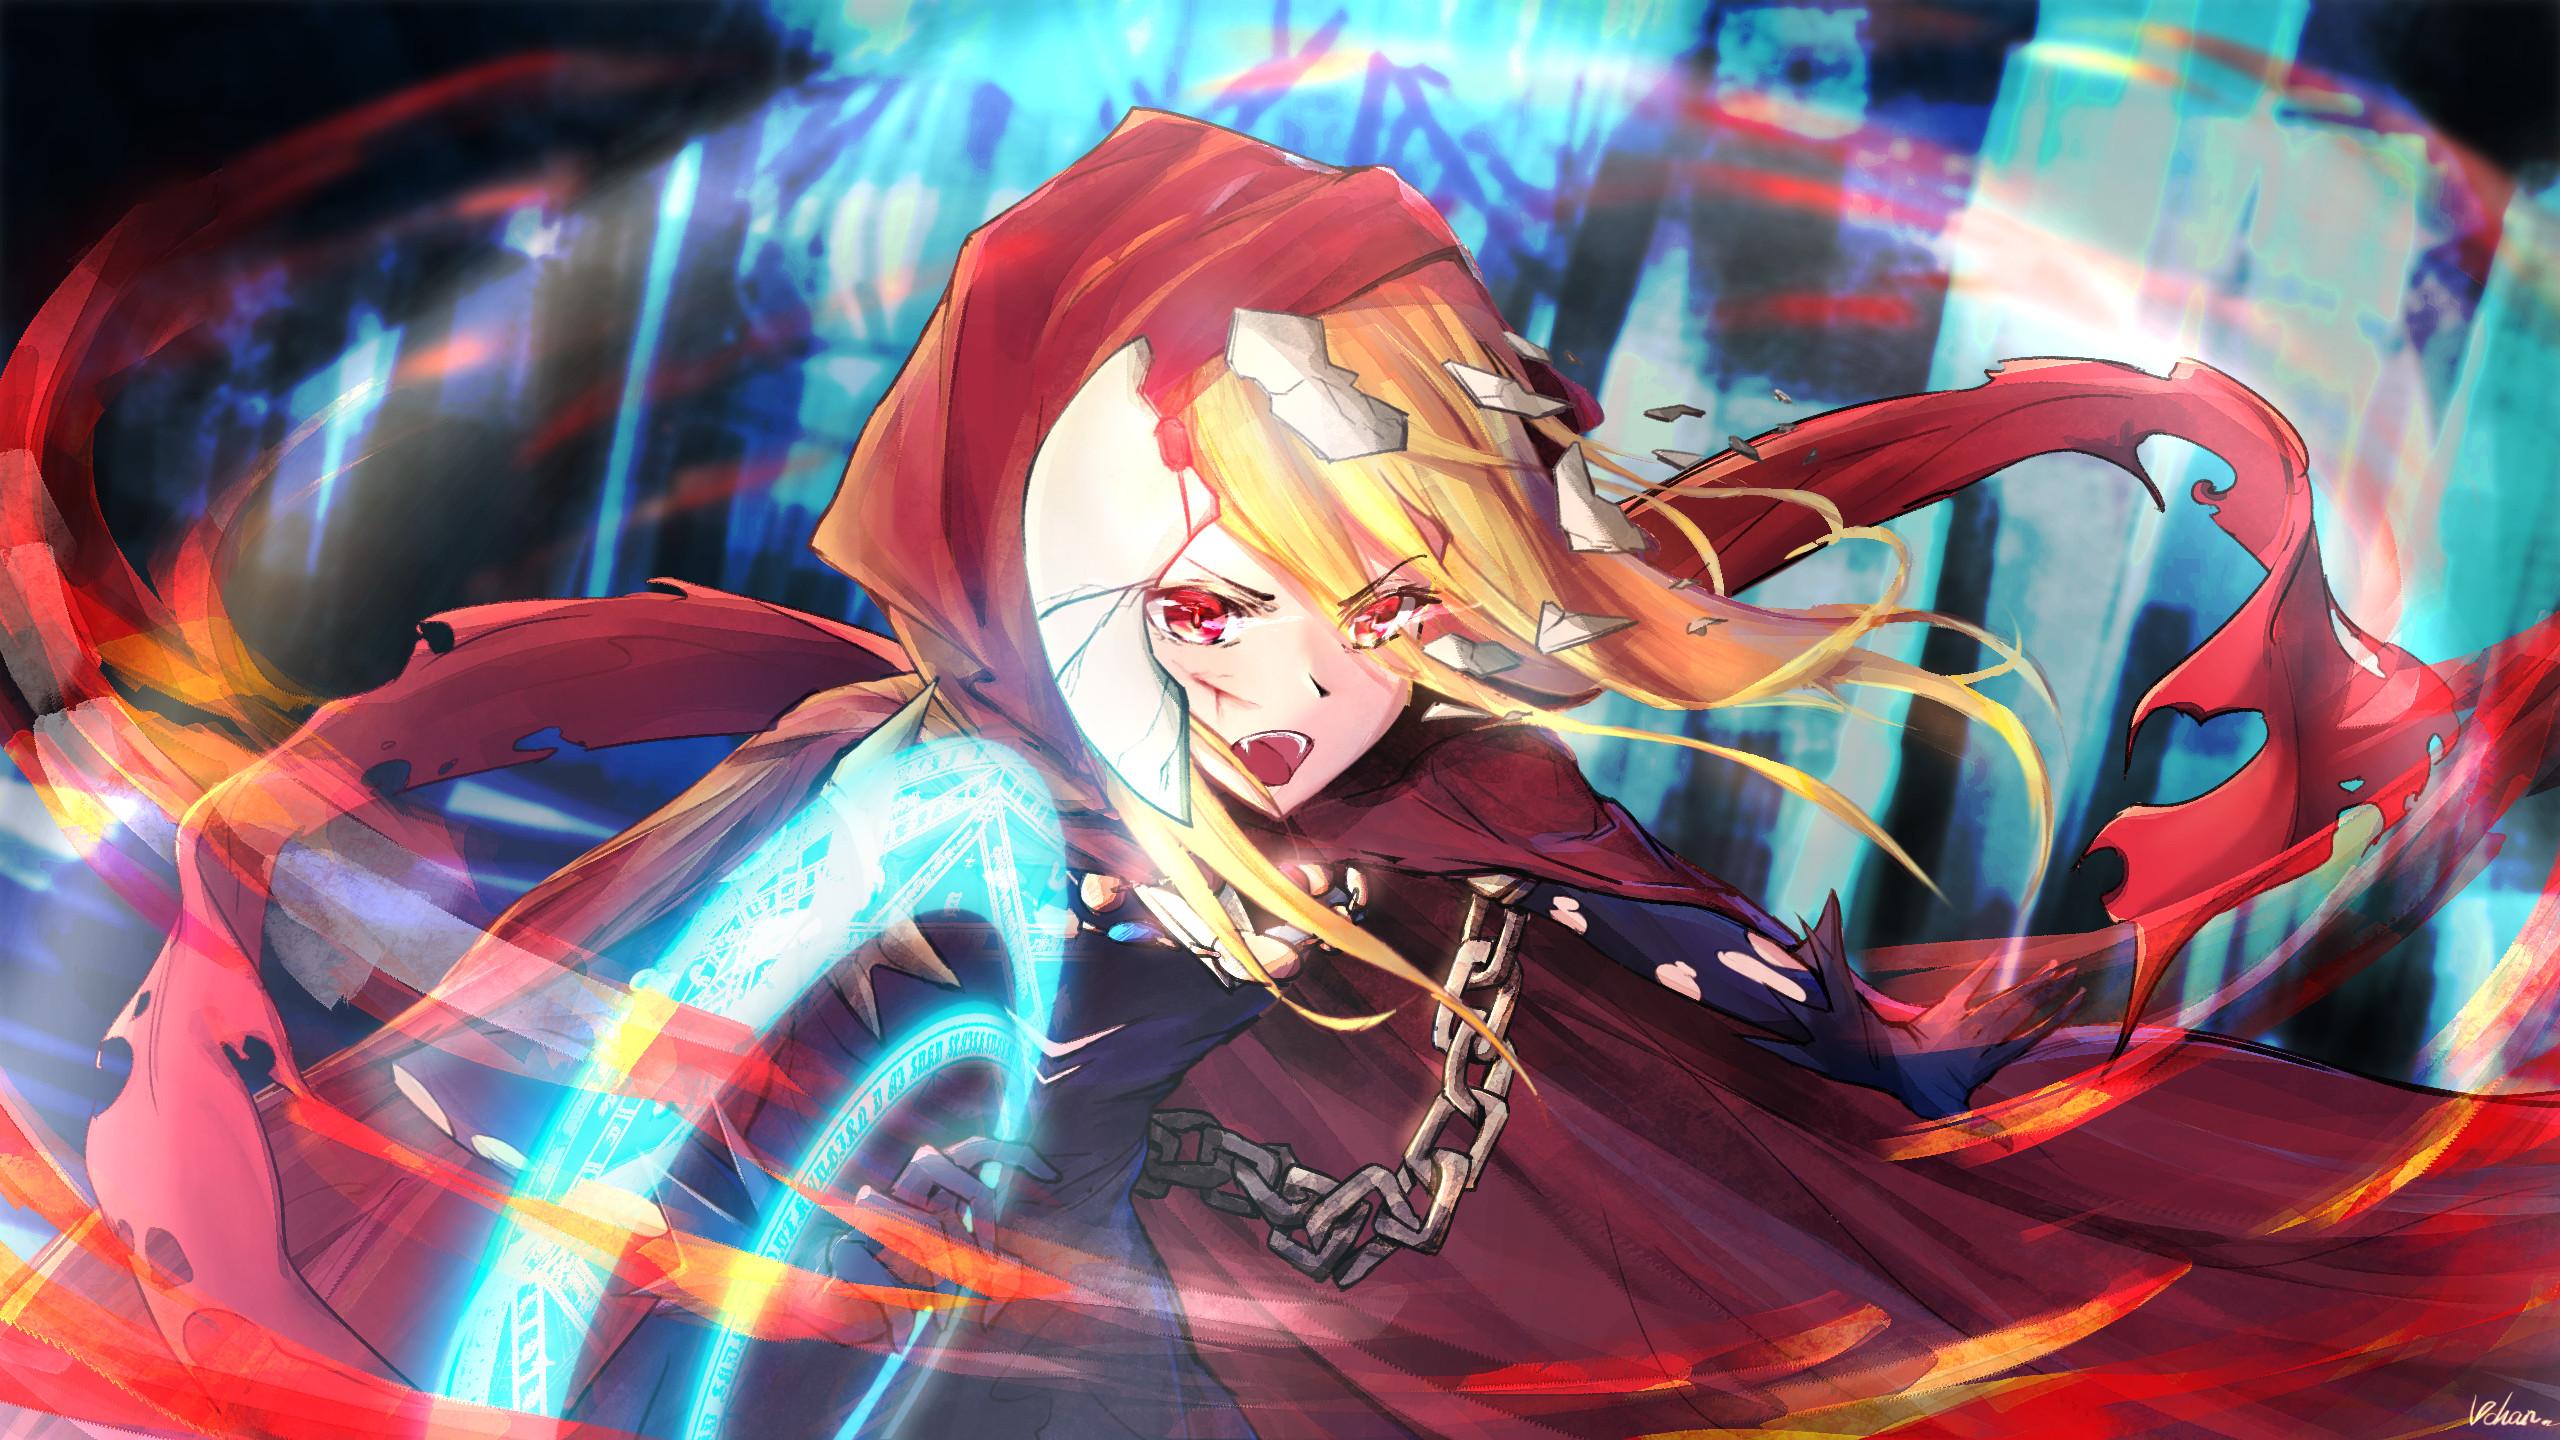 Evileye Overlord Zerochan Anime Image Board